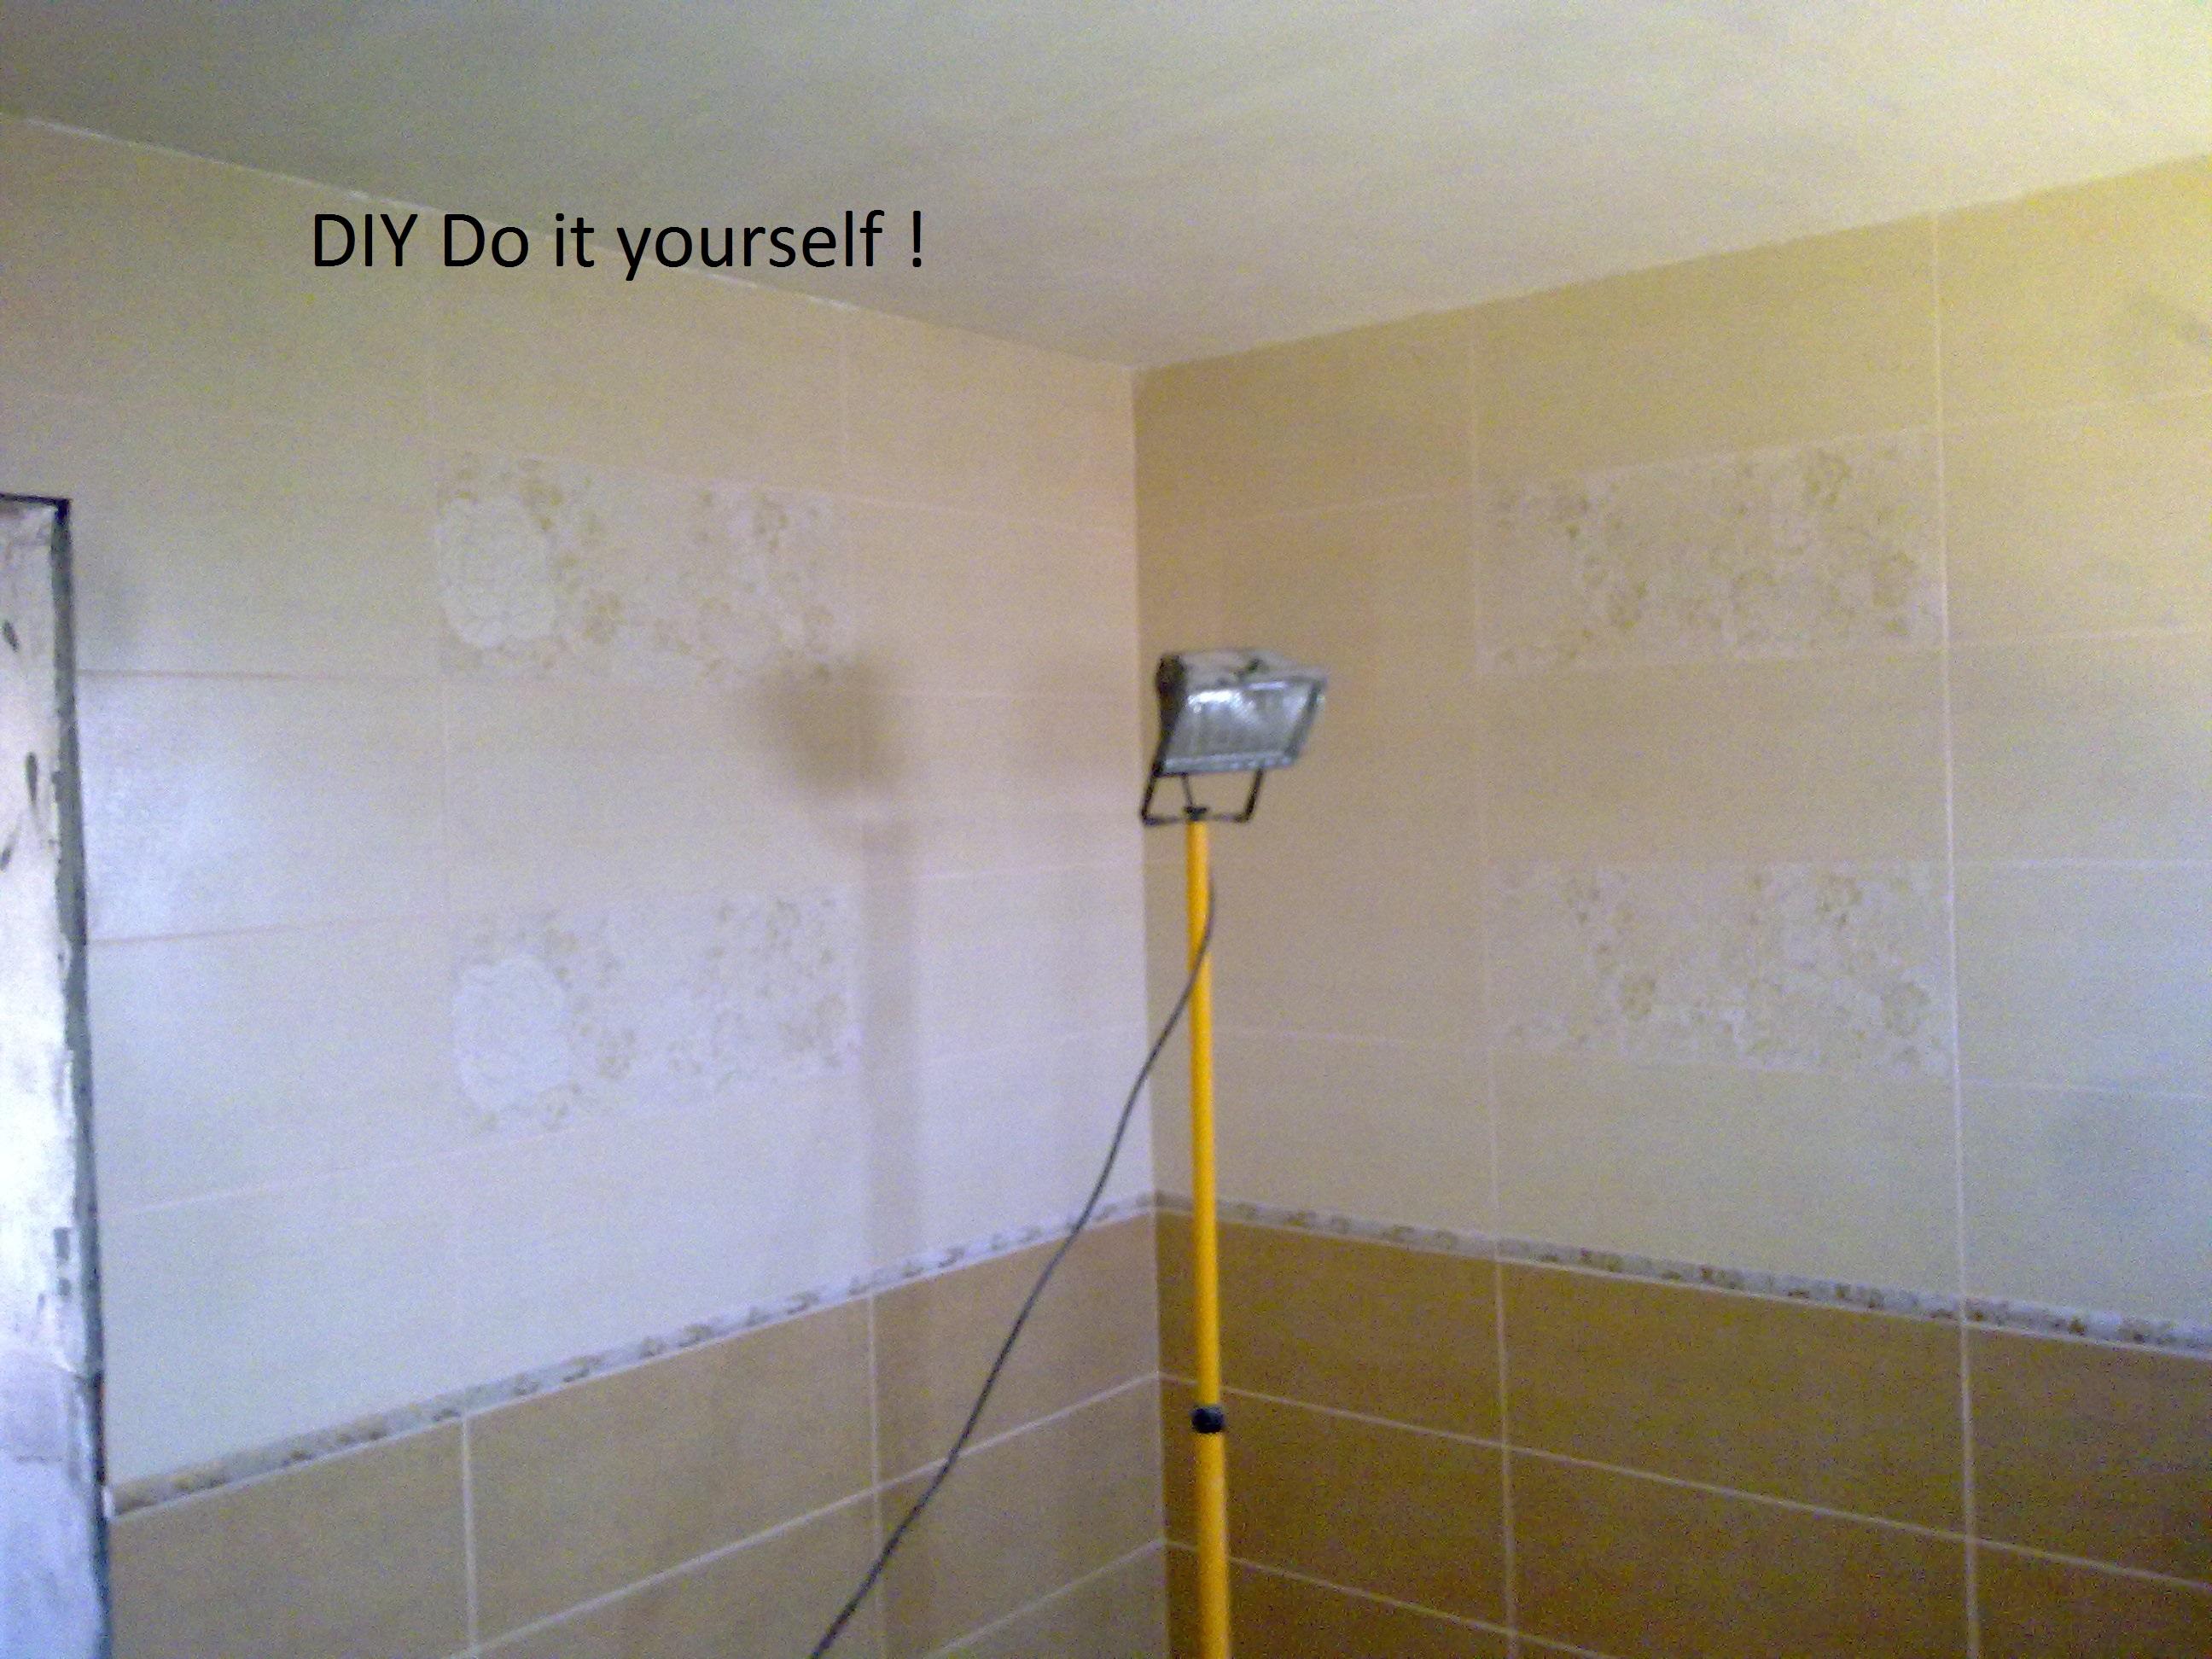 tutoriale amenajari interioare diy